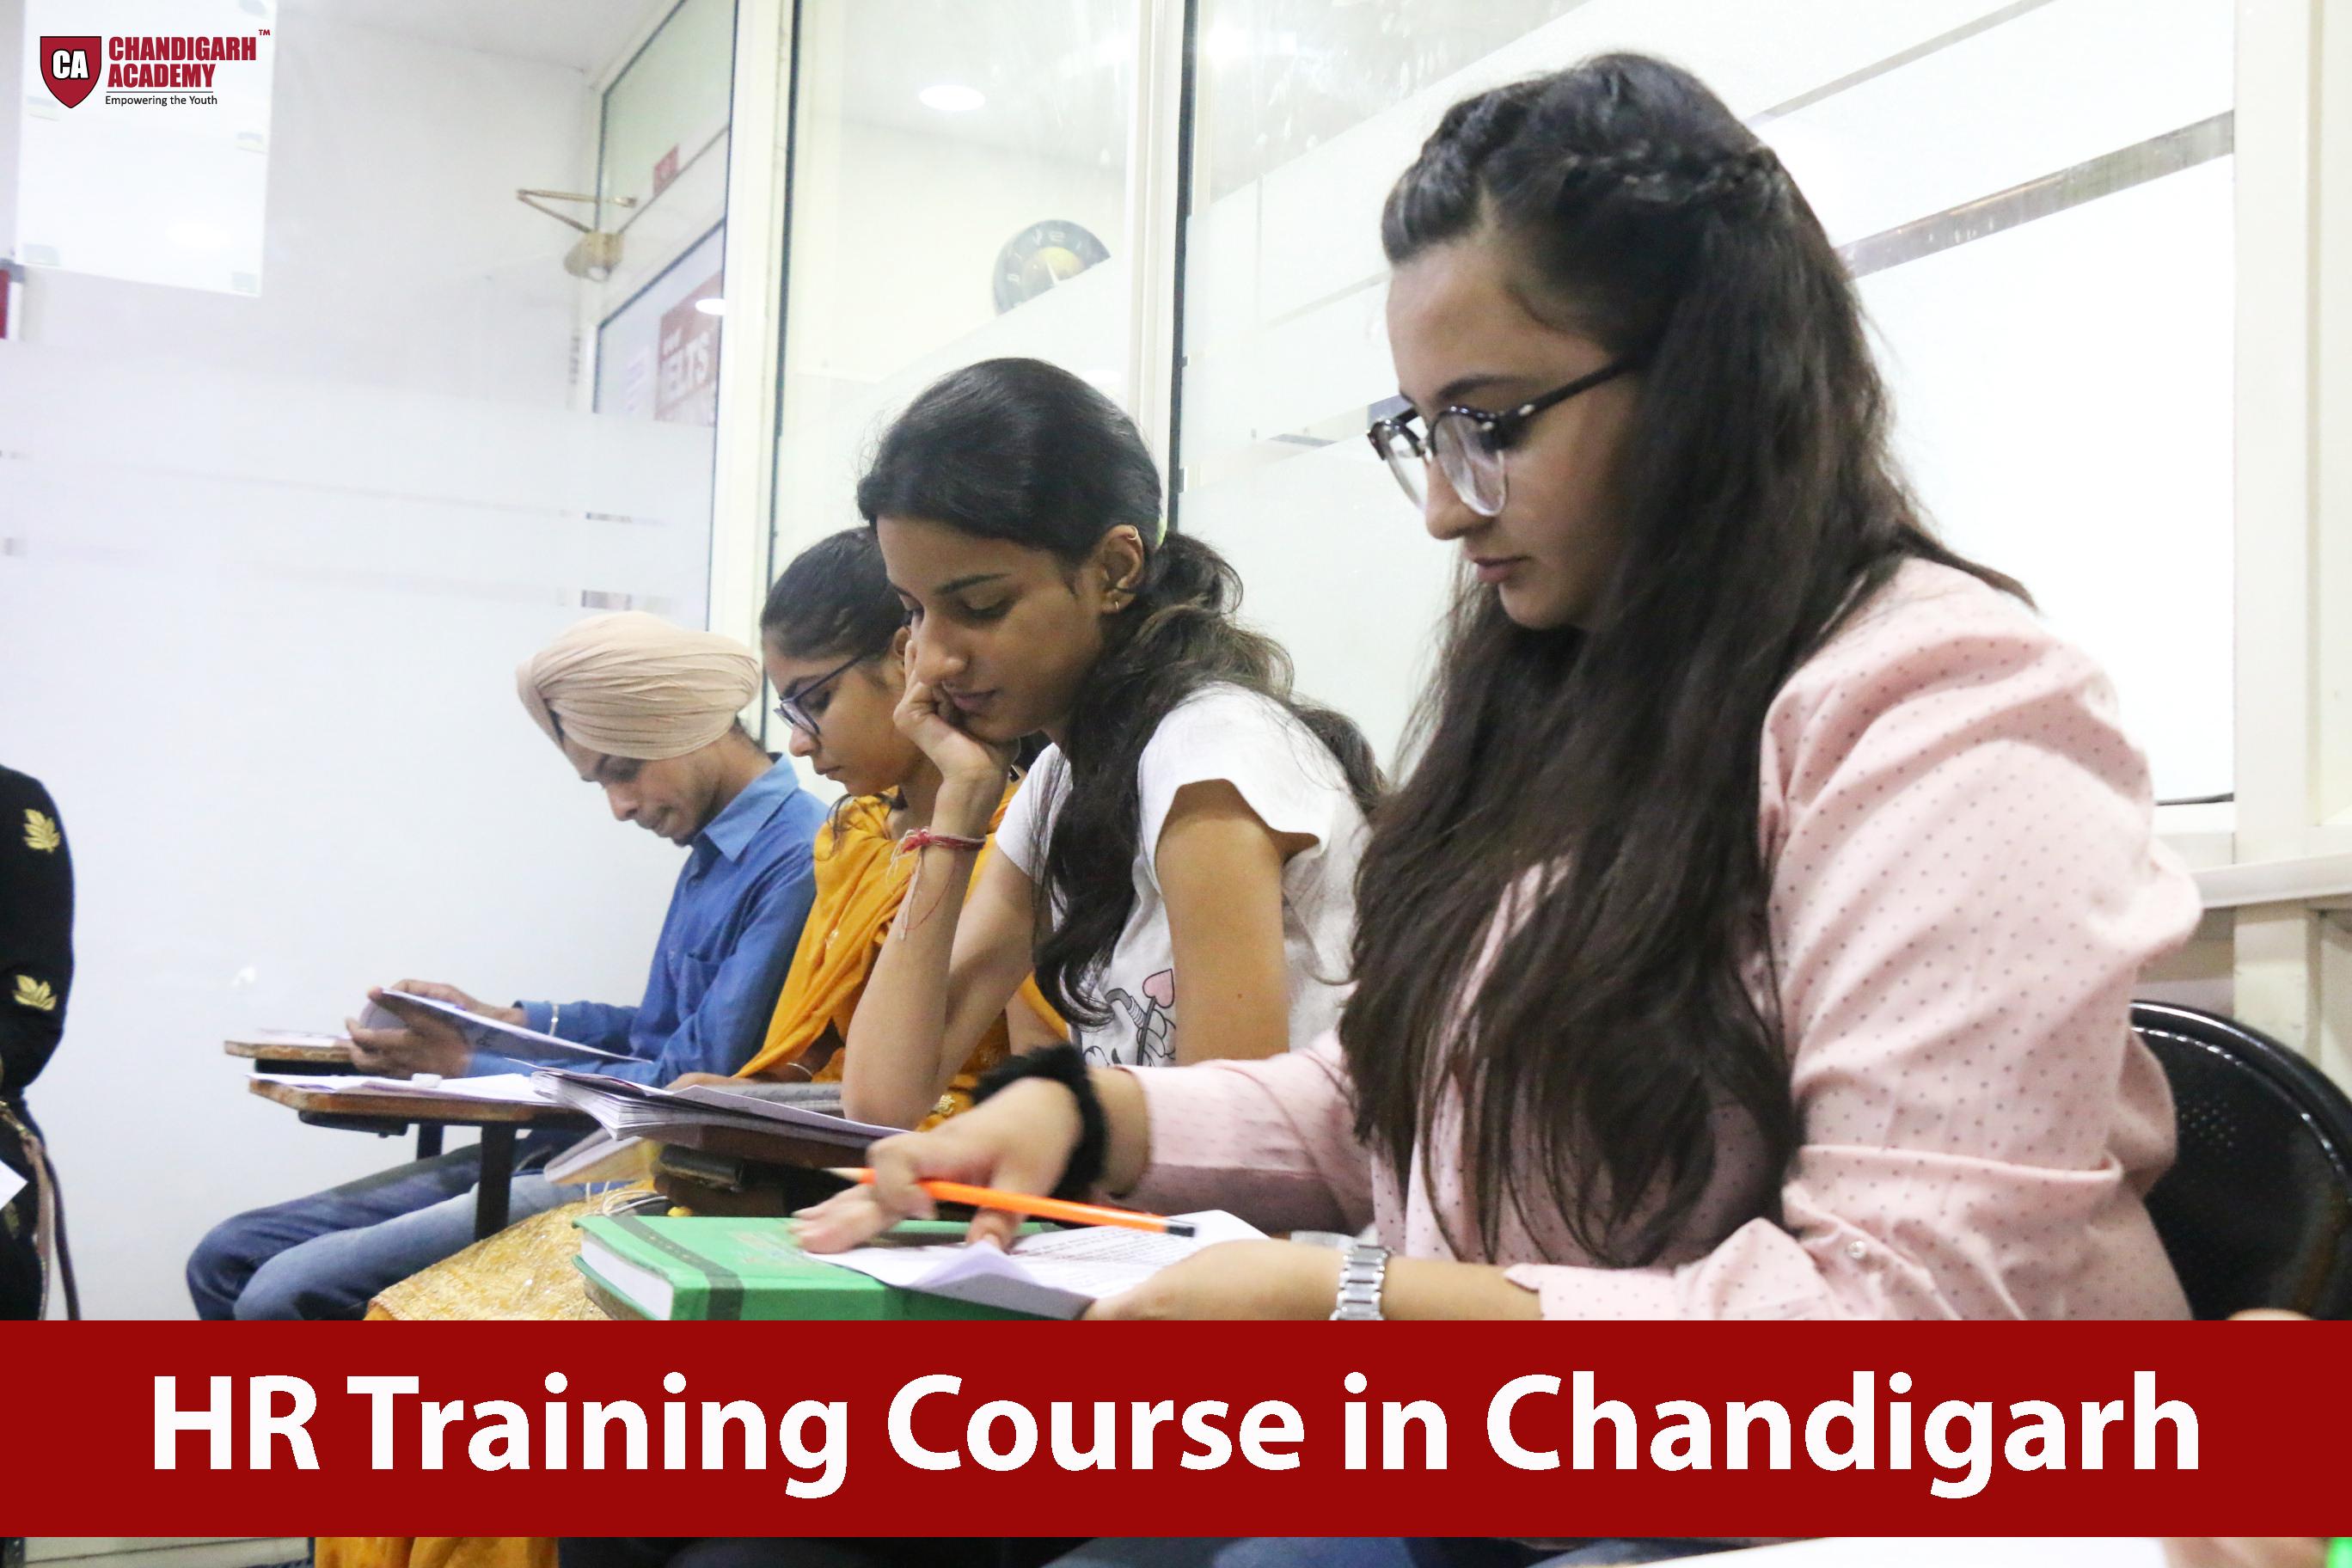 HR Training Course in Chandigarh